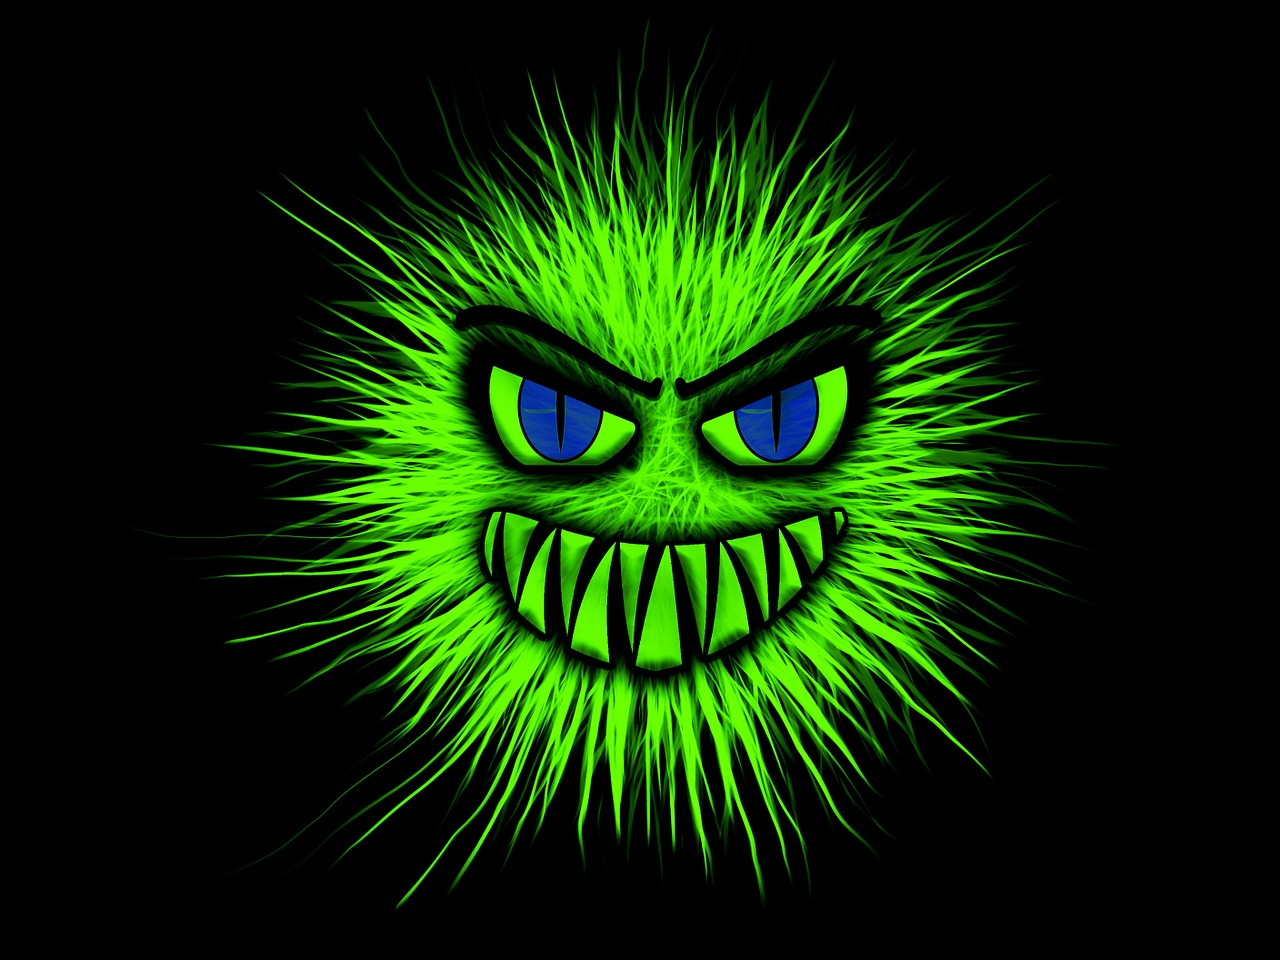 potwór-śmiech, grafika